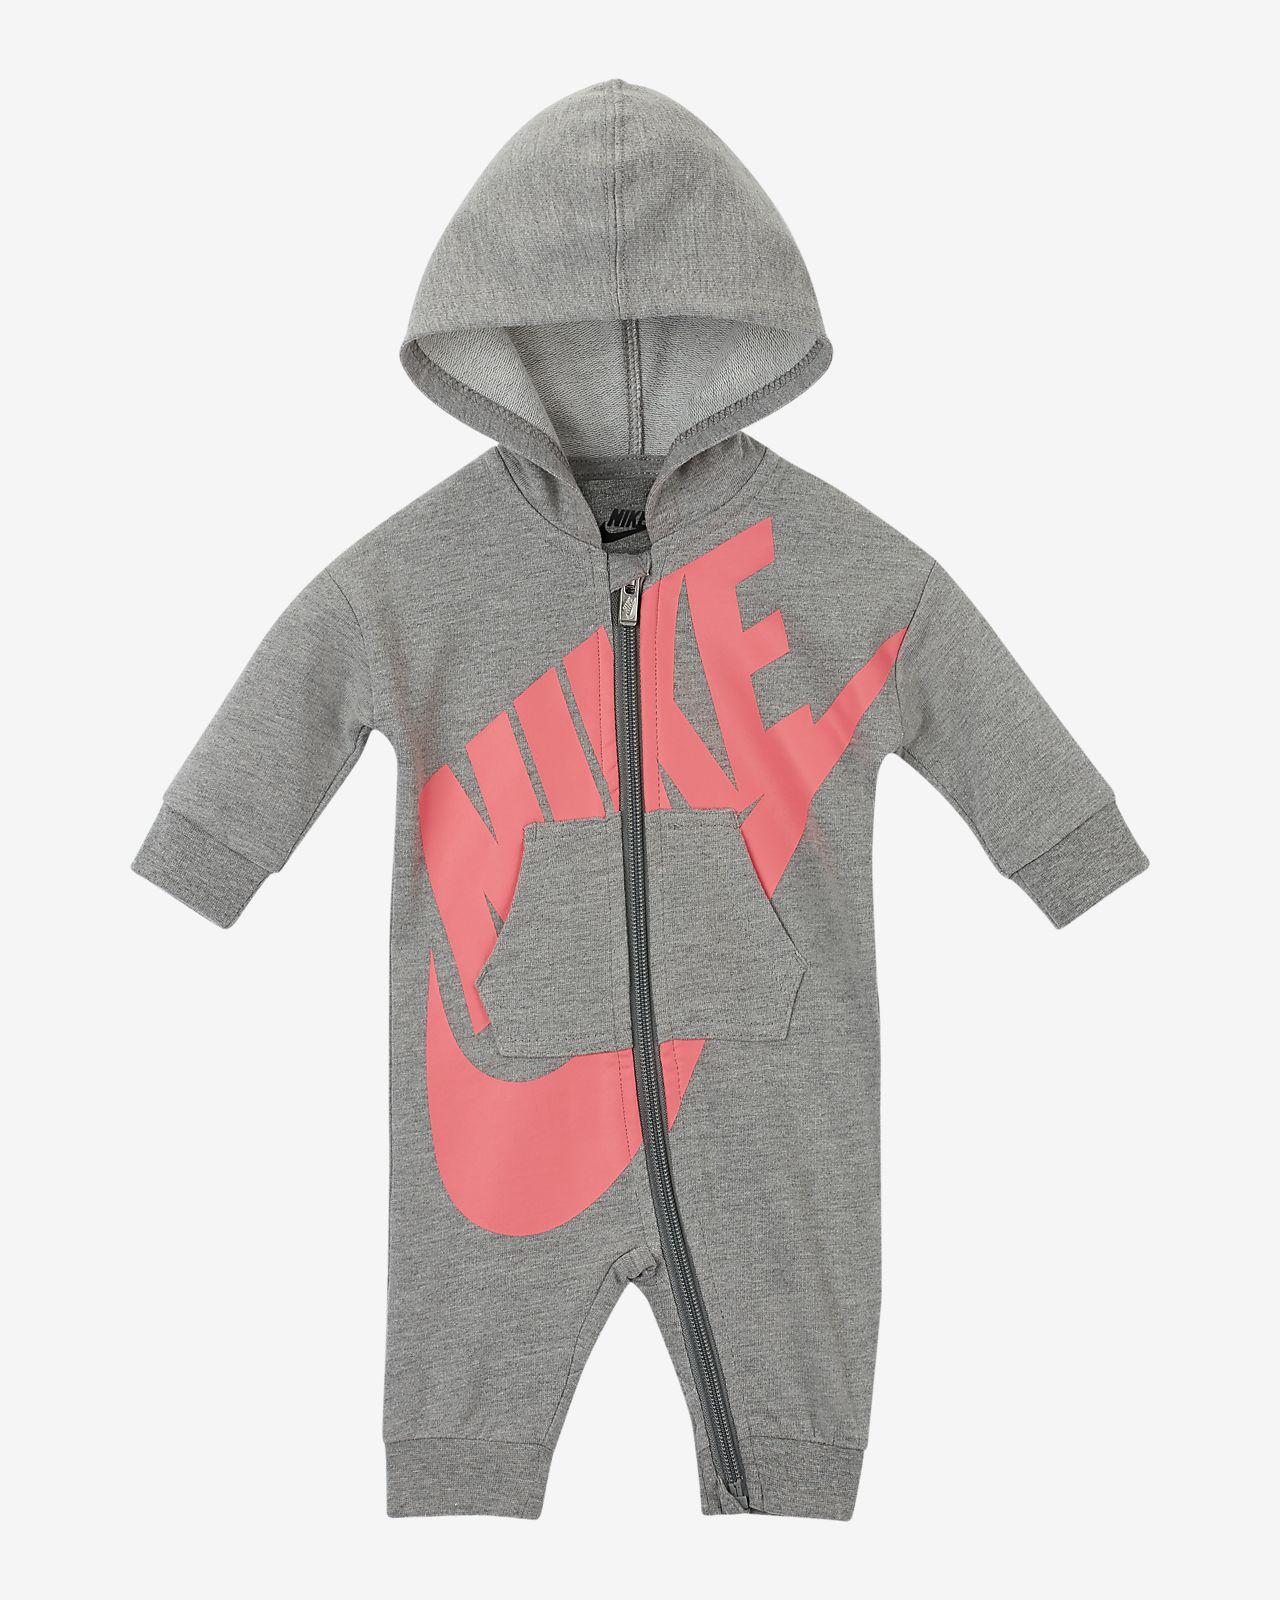 Nike婴童连体衣